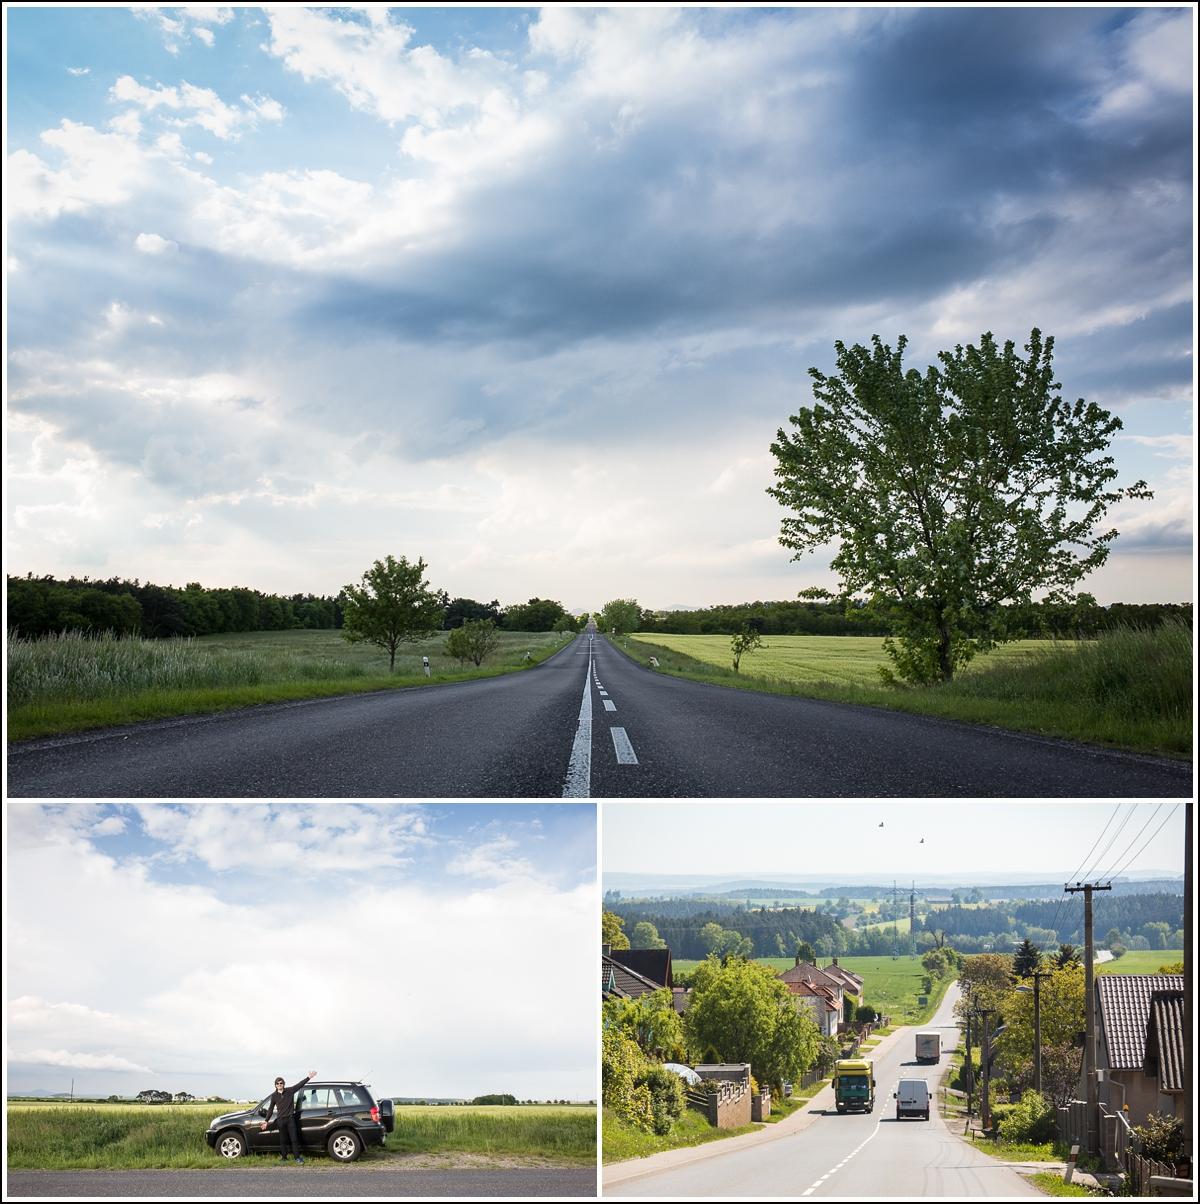 biltur-øst-europa-tsjekkia2